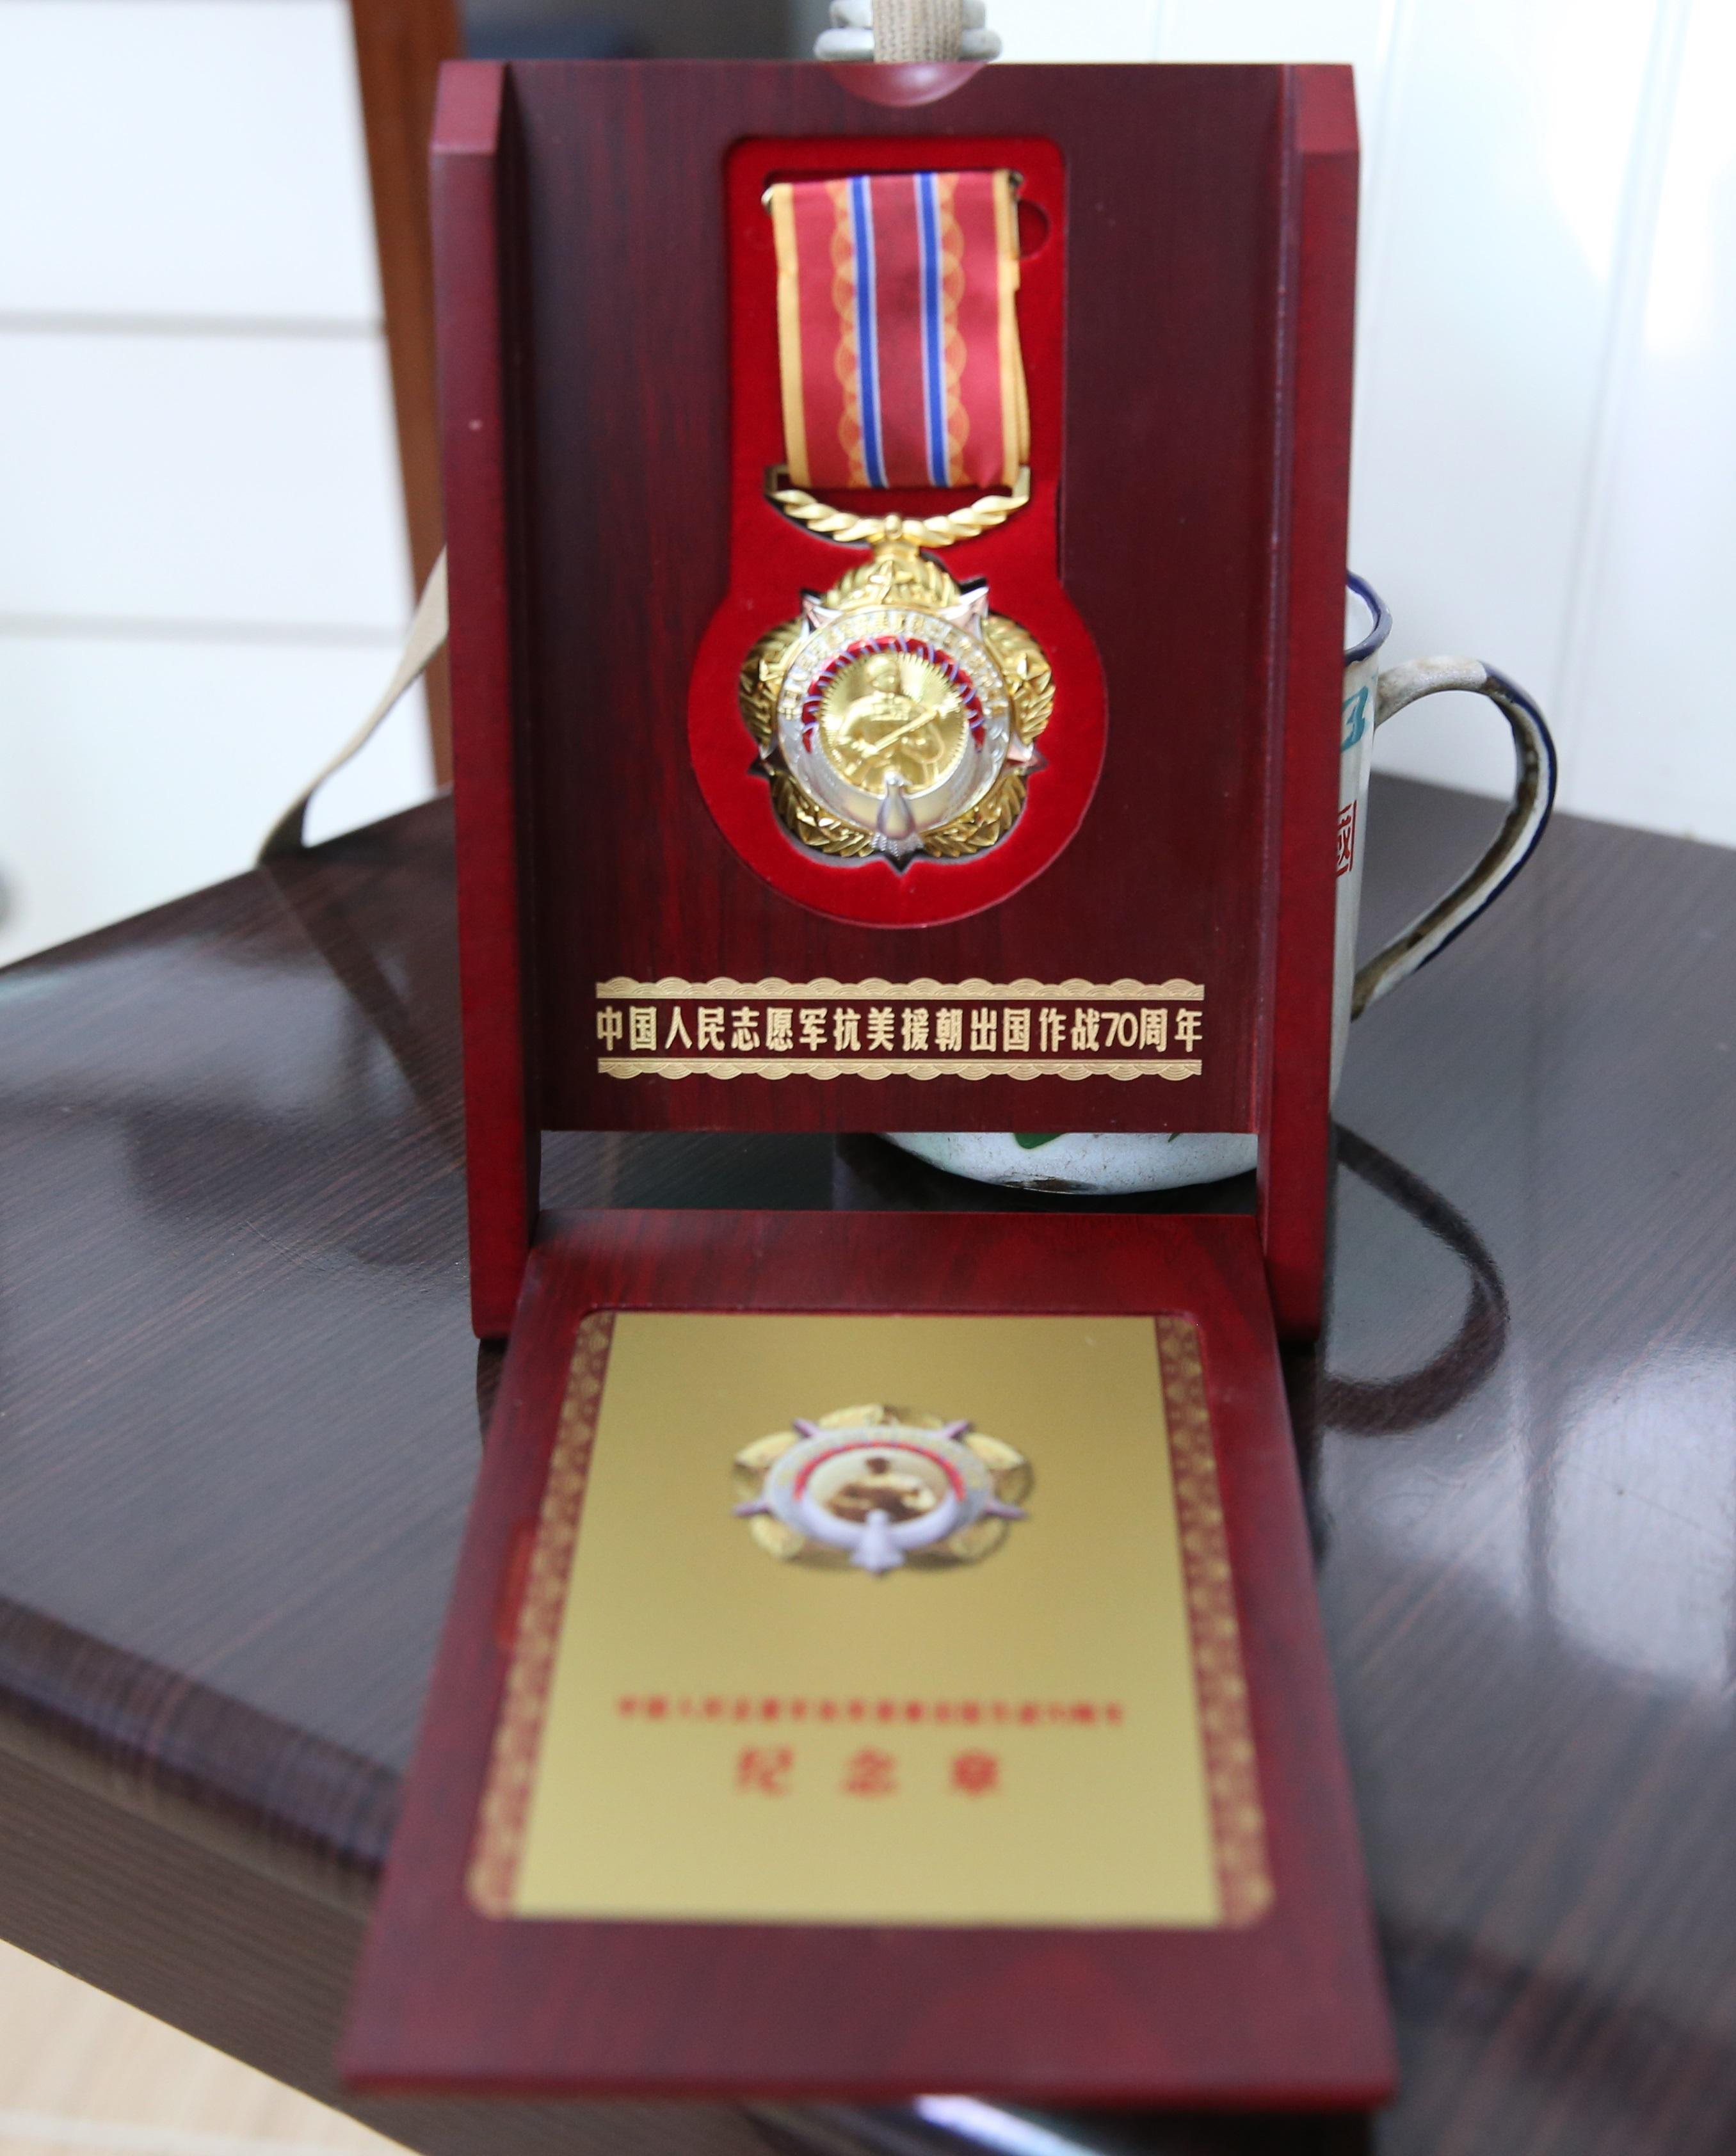 """退休干部朱荣衢获颁""""中国人民志愿军抗美援朝出国作战70周年""""纪念章"""